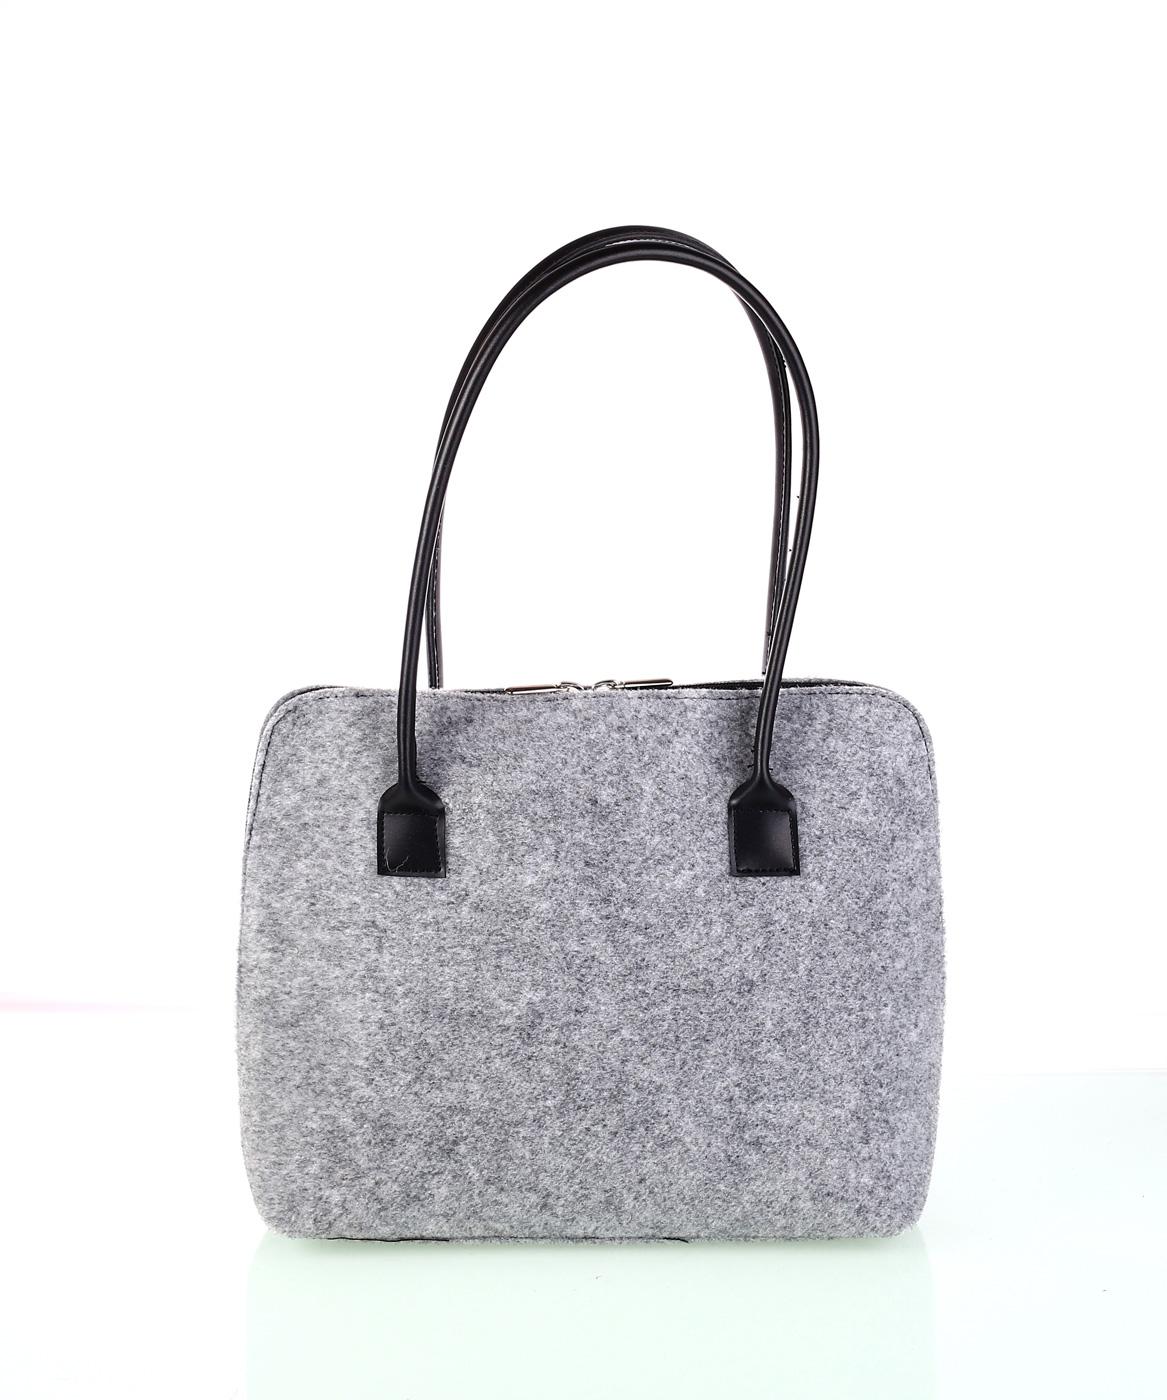 f1b7600506 Elegantní dámská kabelka z plsti Kbas šedá